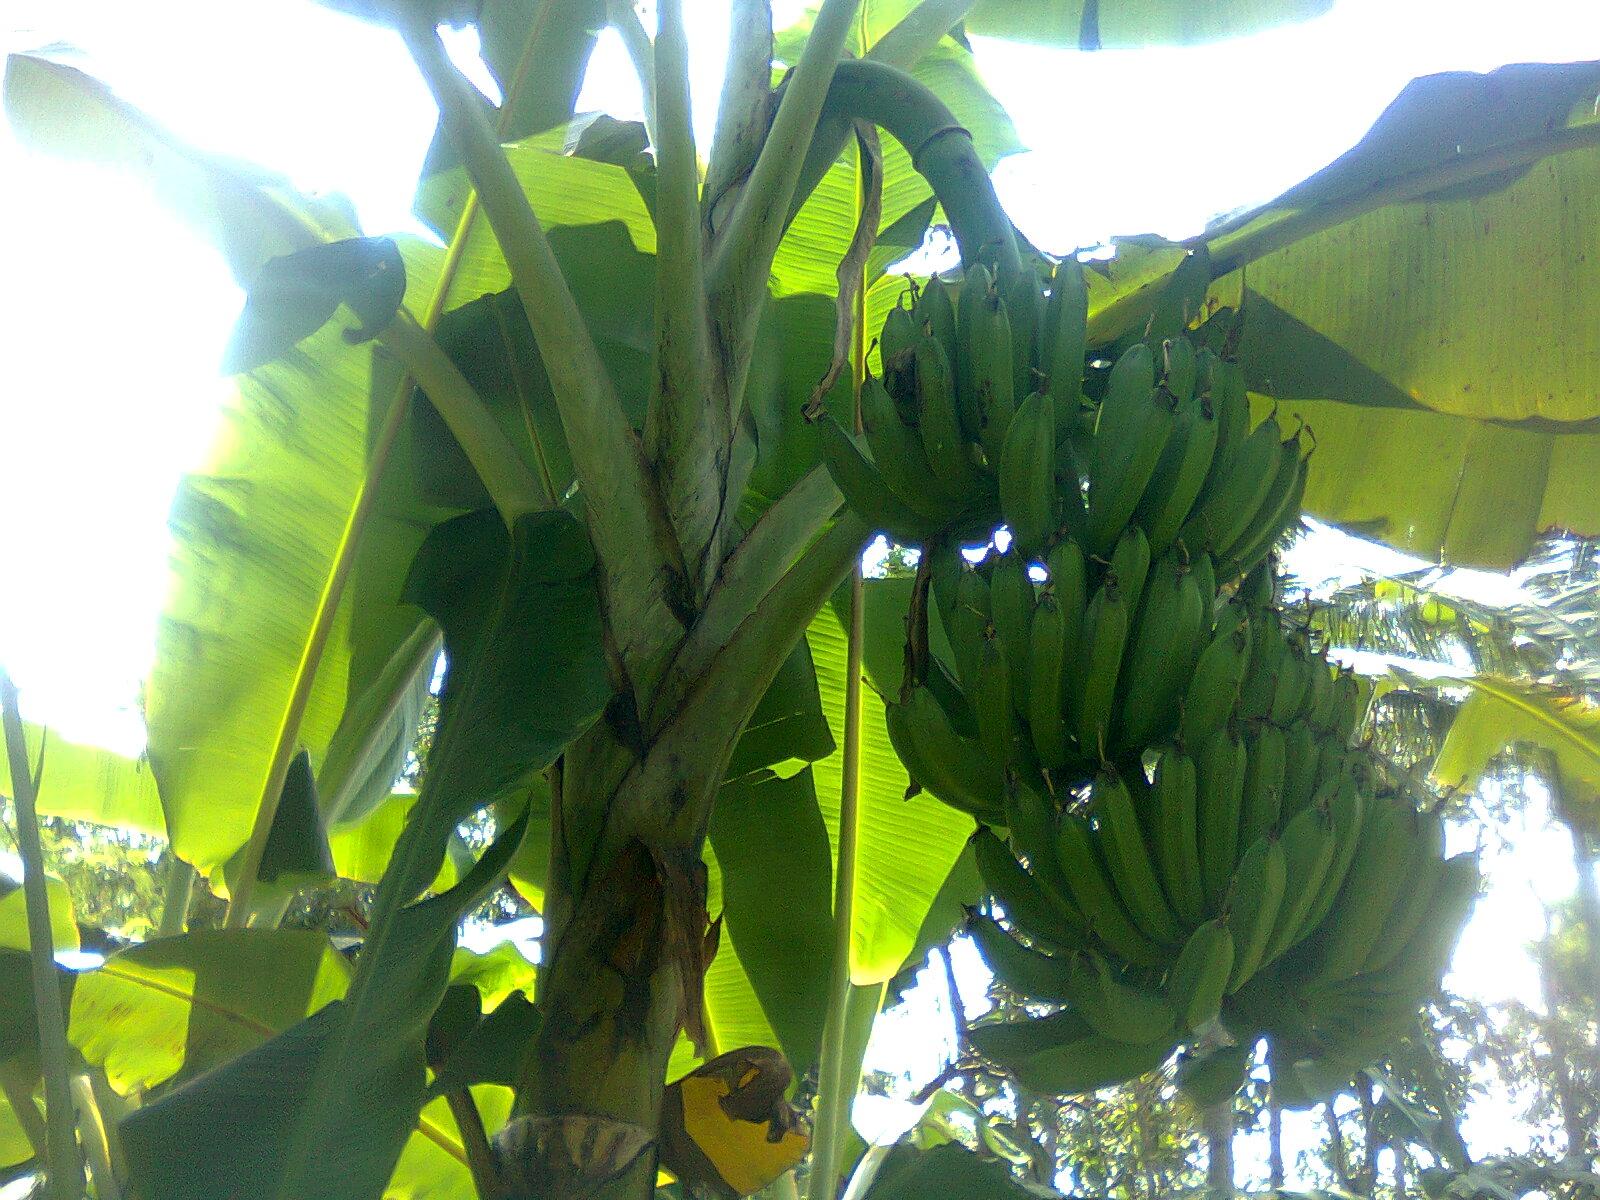 Pohon Pisang Telah Berbuah dalam Tandannya